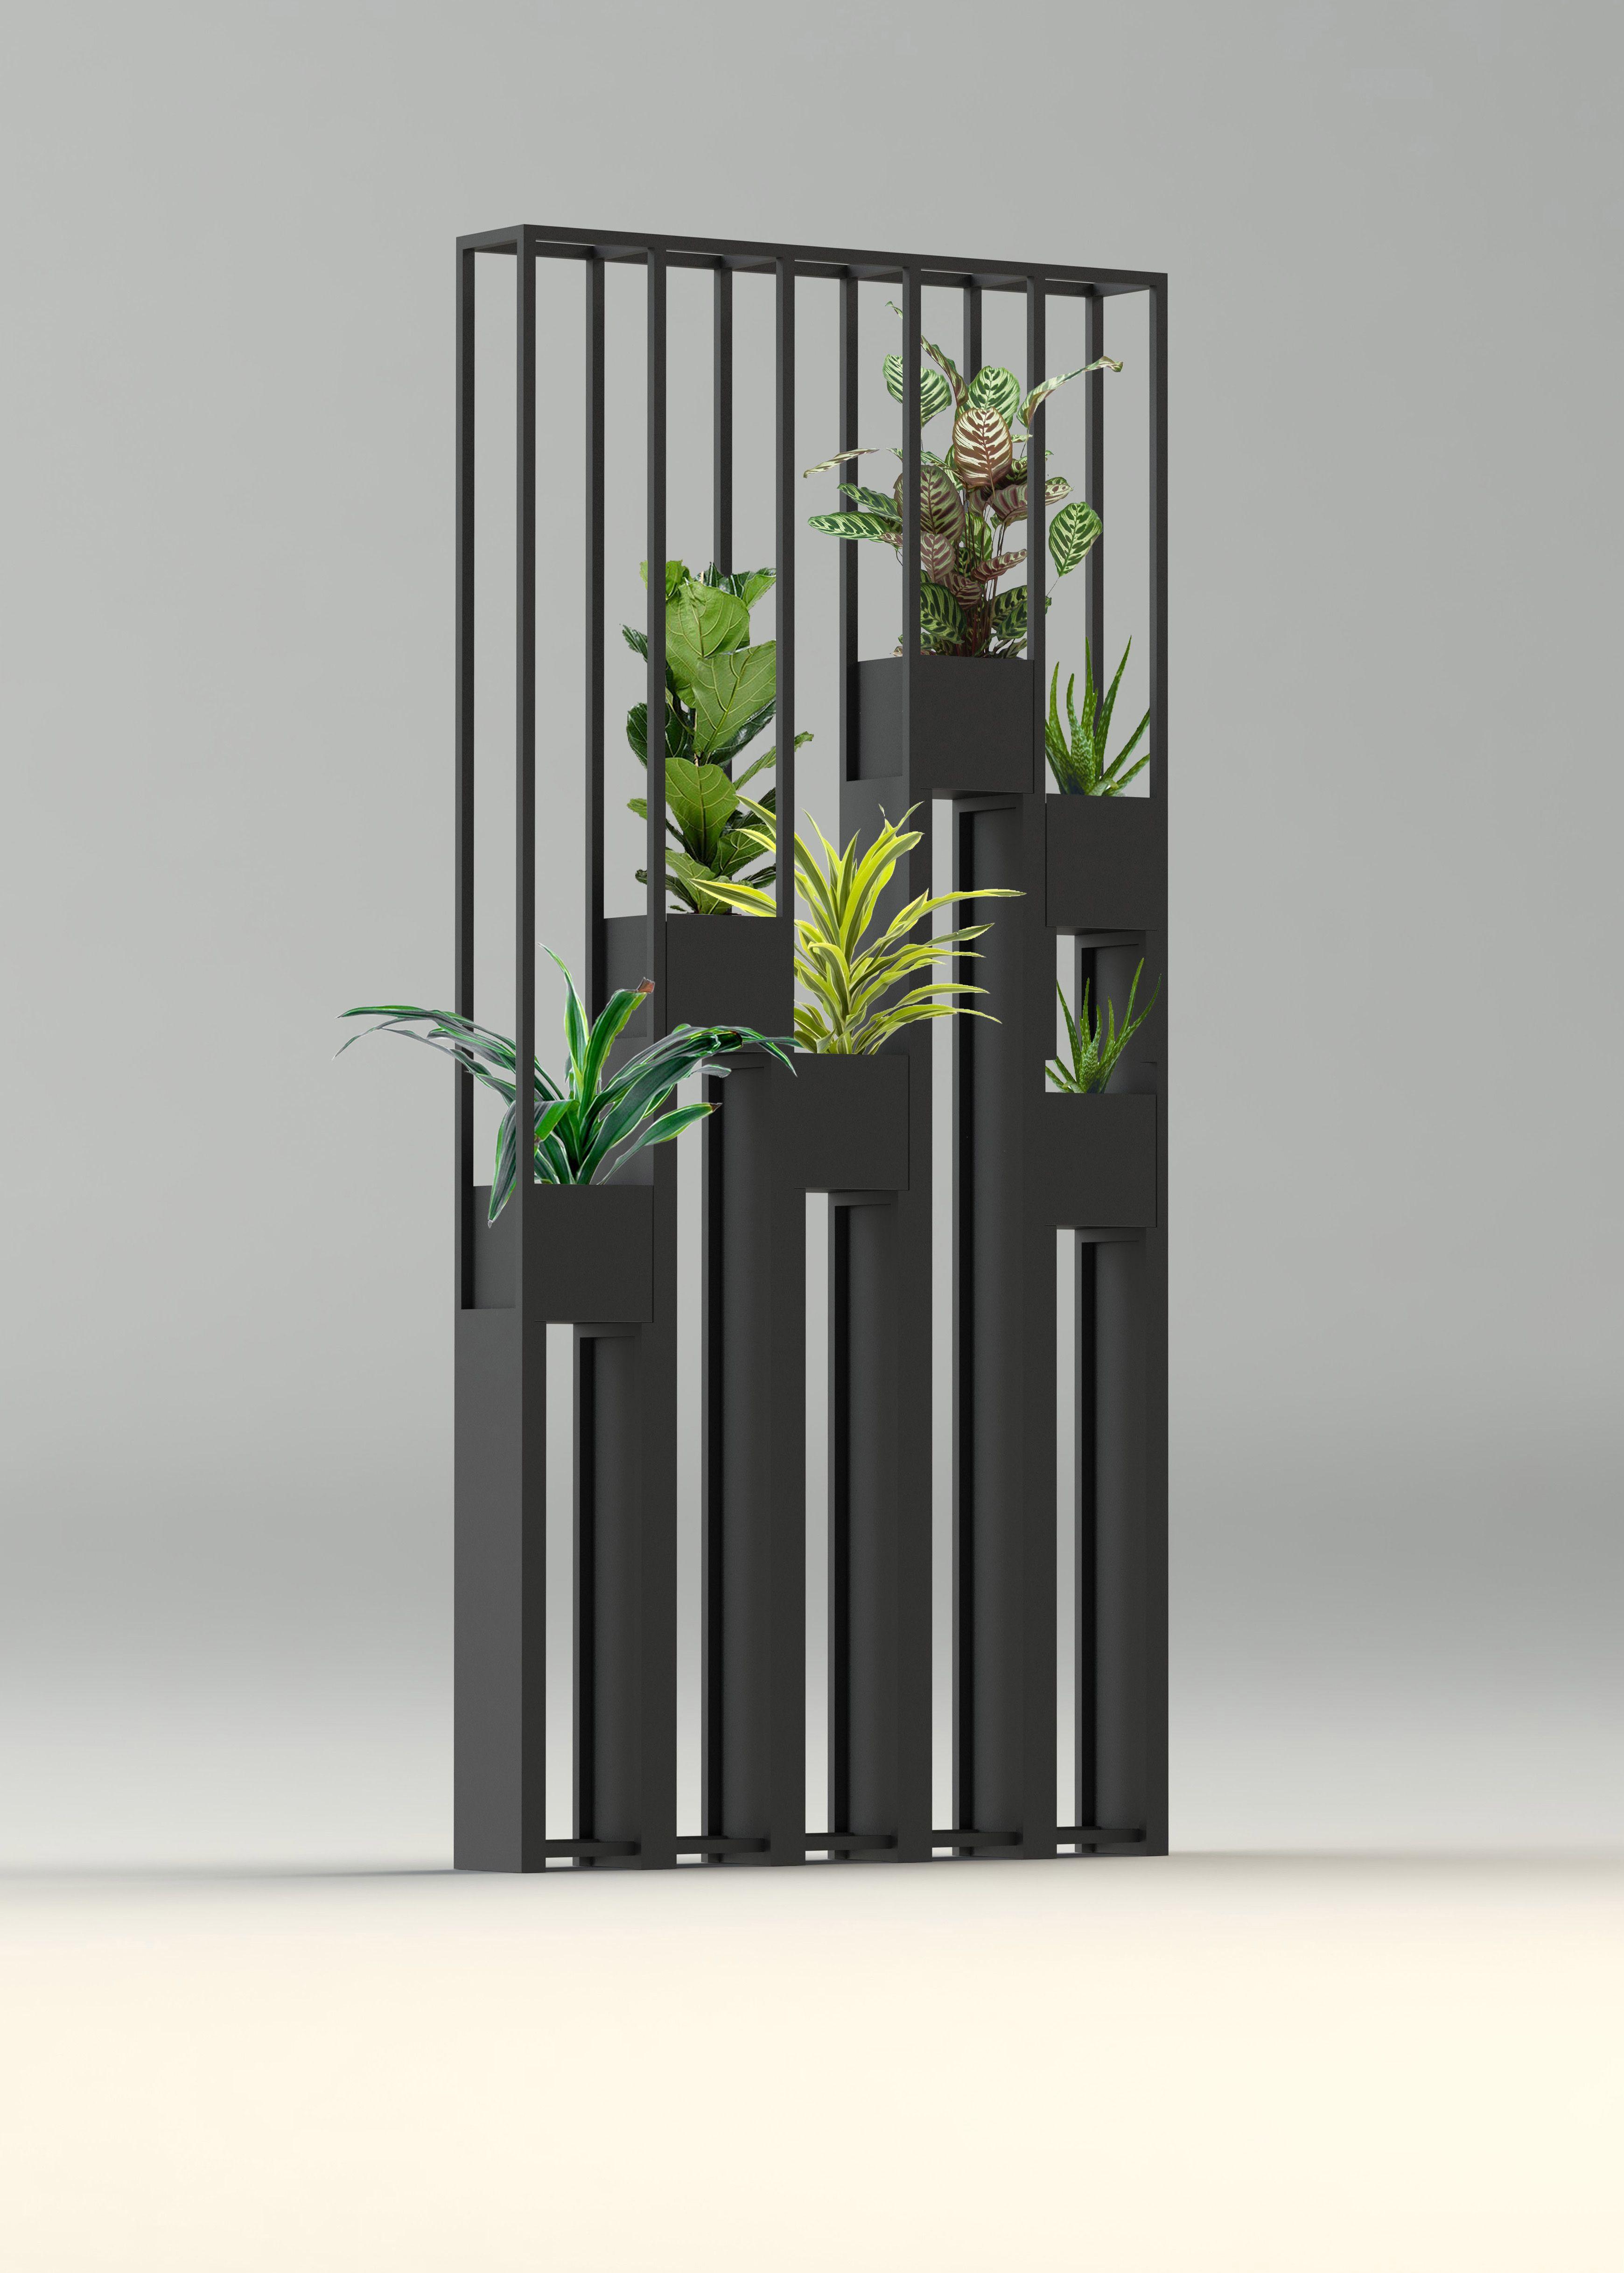 Greentower claustra en métal pour séparer vos pièces ou jardins